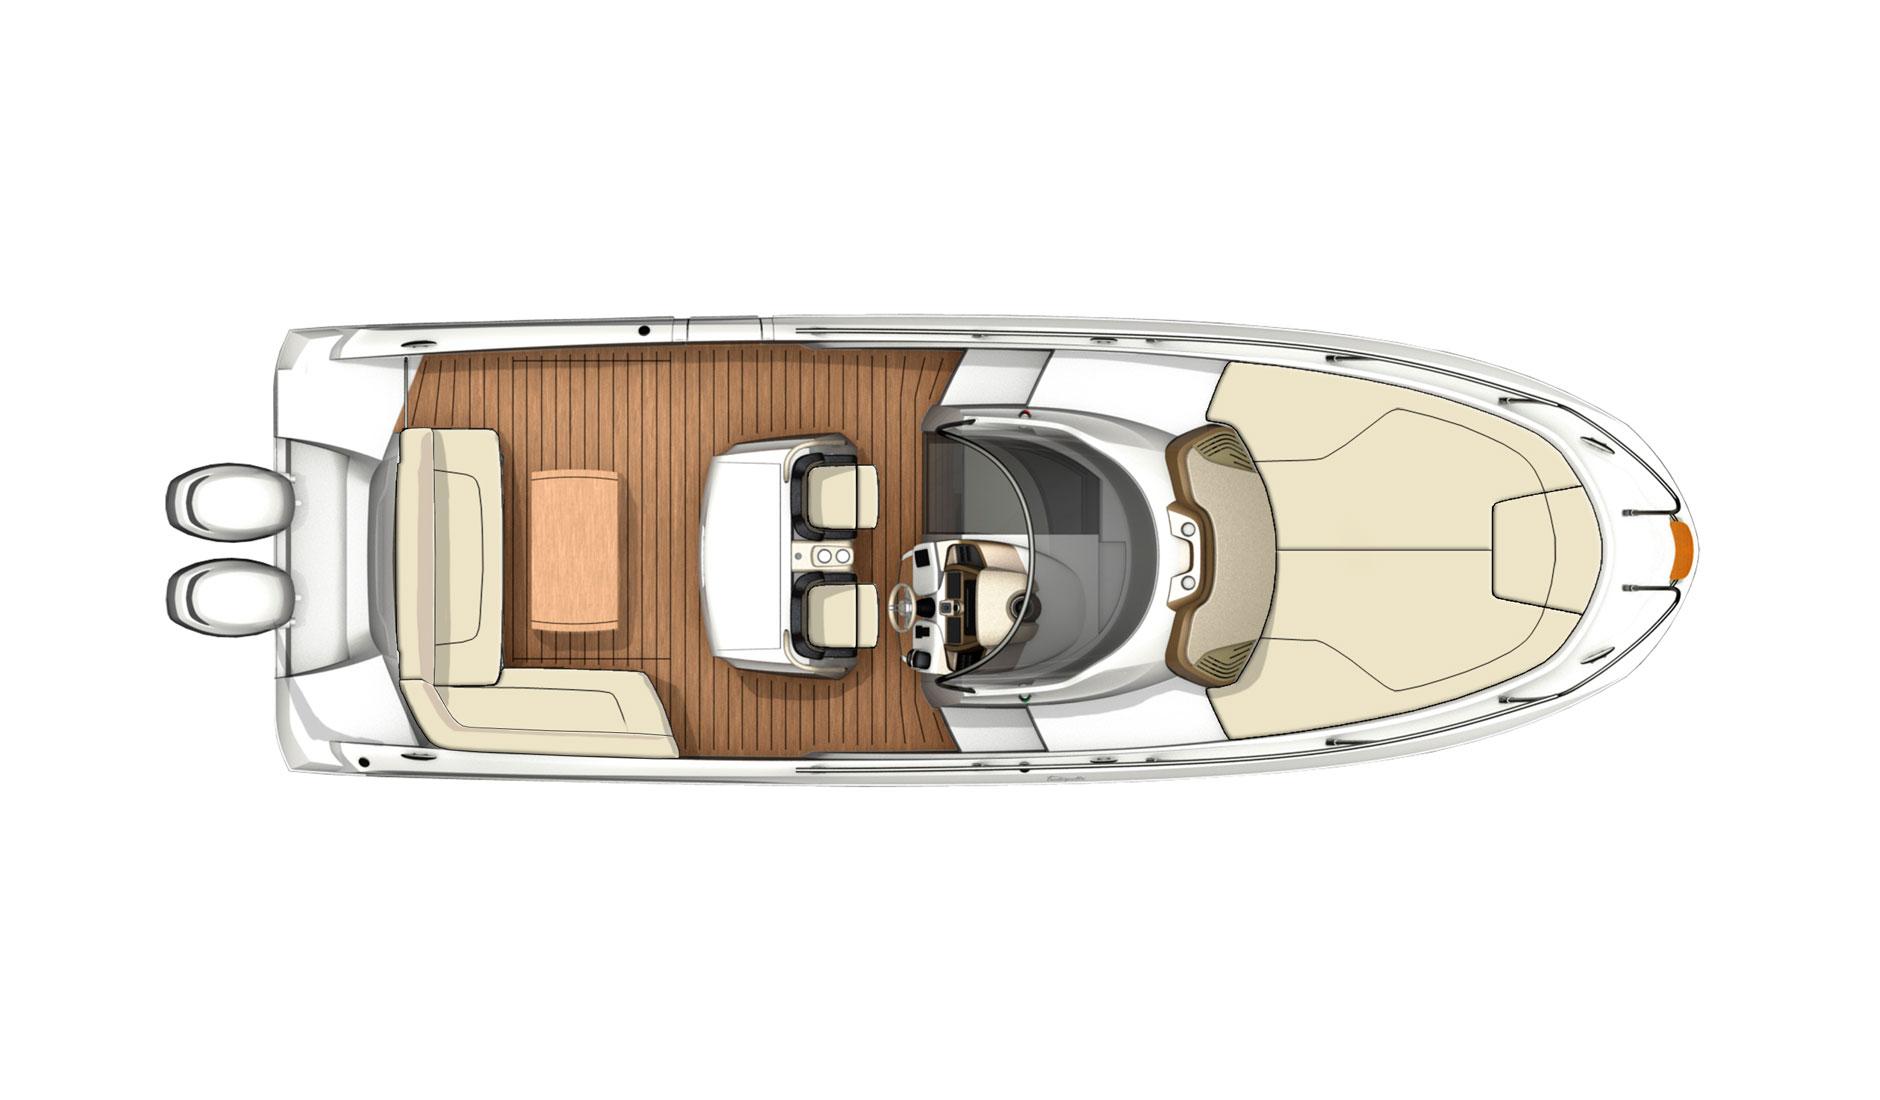 Купить Sessa Marine Key Largo 34 Outboard